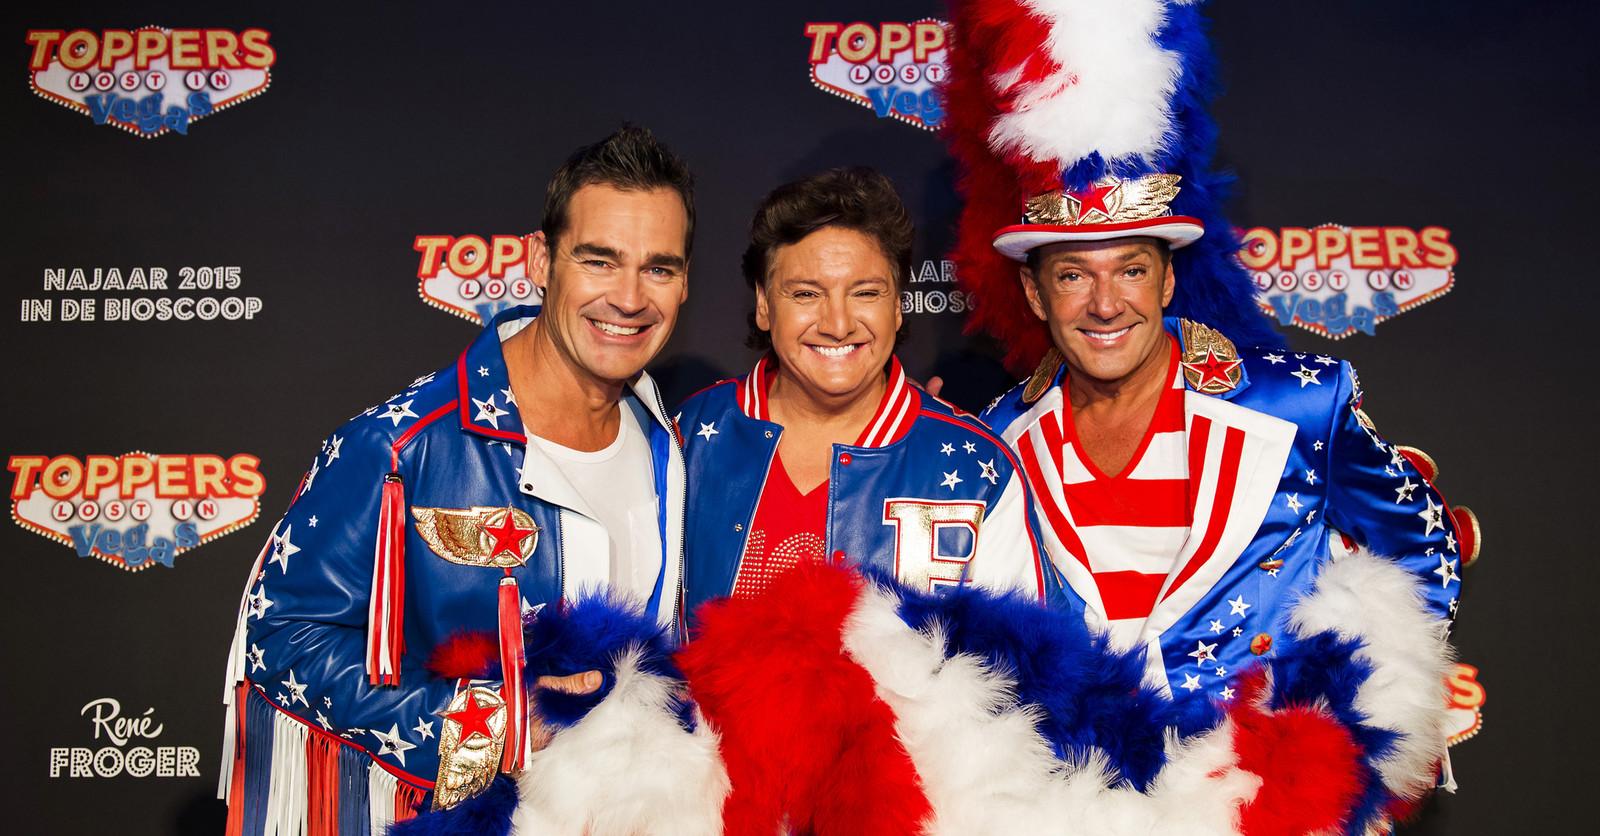 Huidige formatie van de Toppers: Jeroen van der Boom, René Froger en Gerard Joling